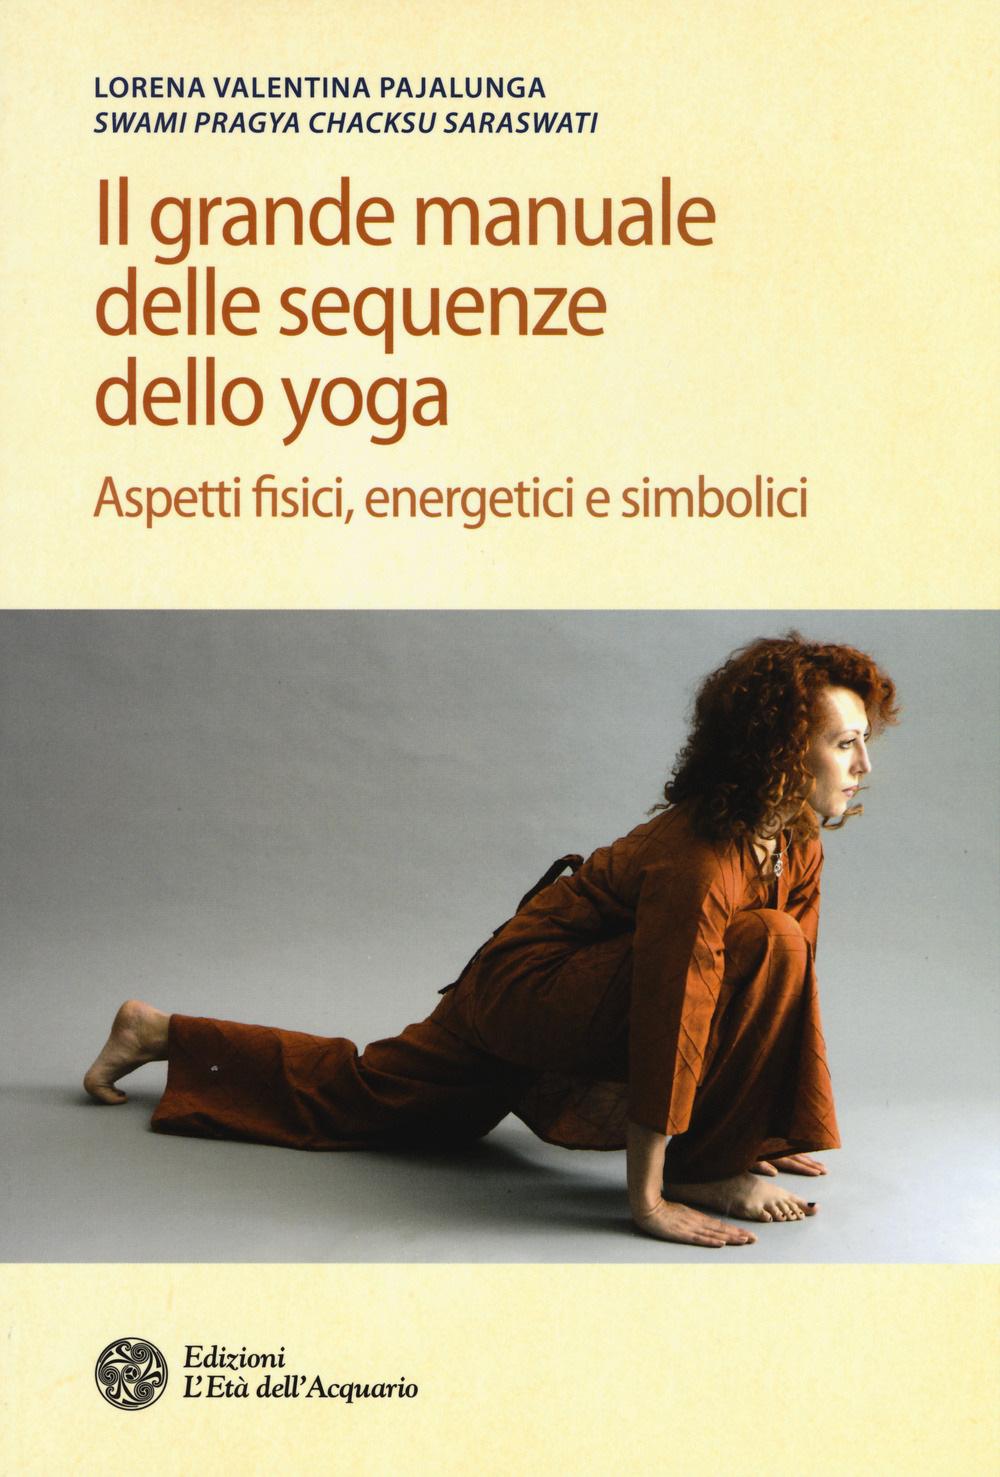 Il Grande Manuale Della Sequenza Yoga - Lorena V. Pajalunga